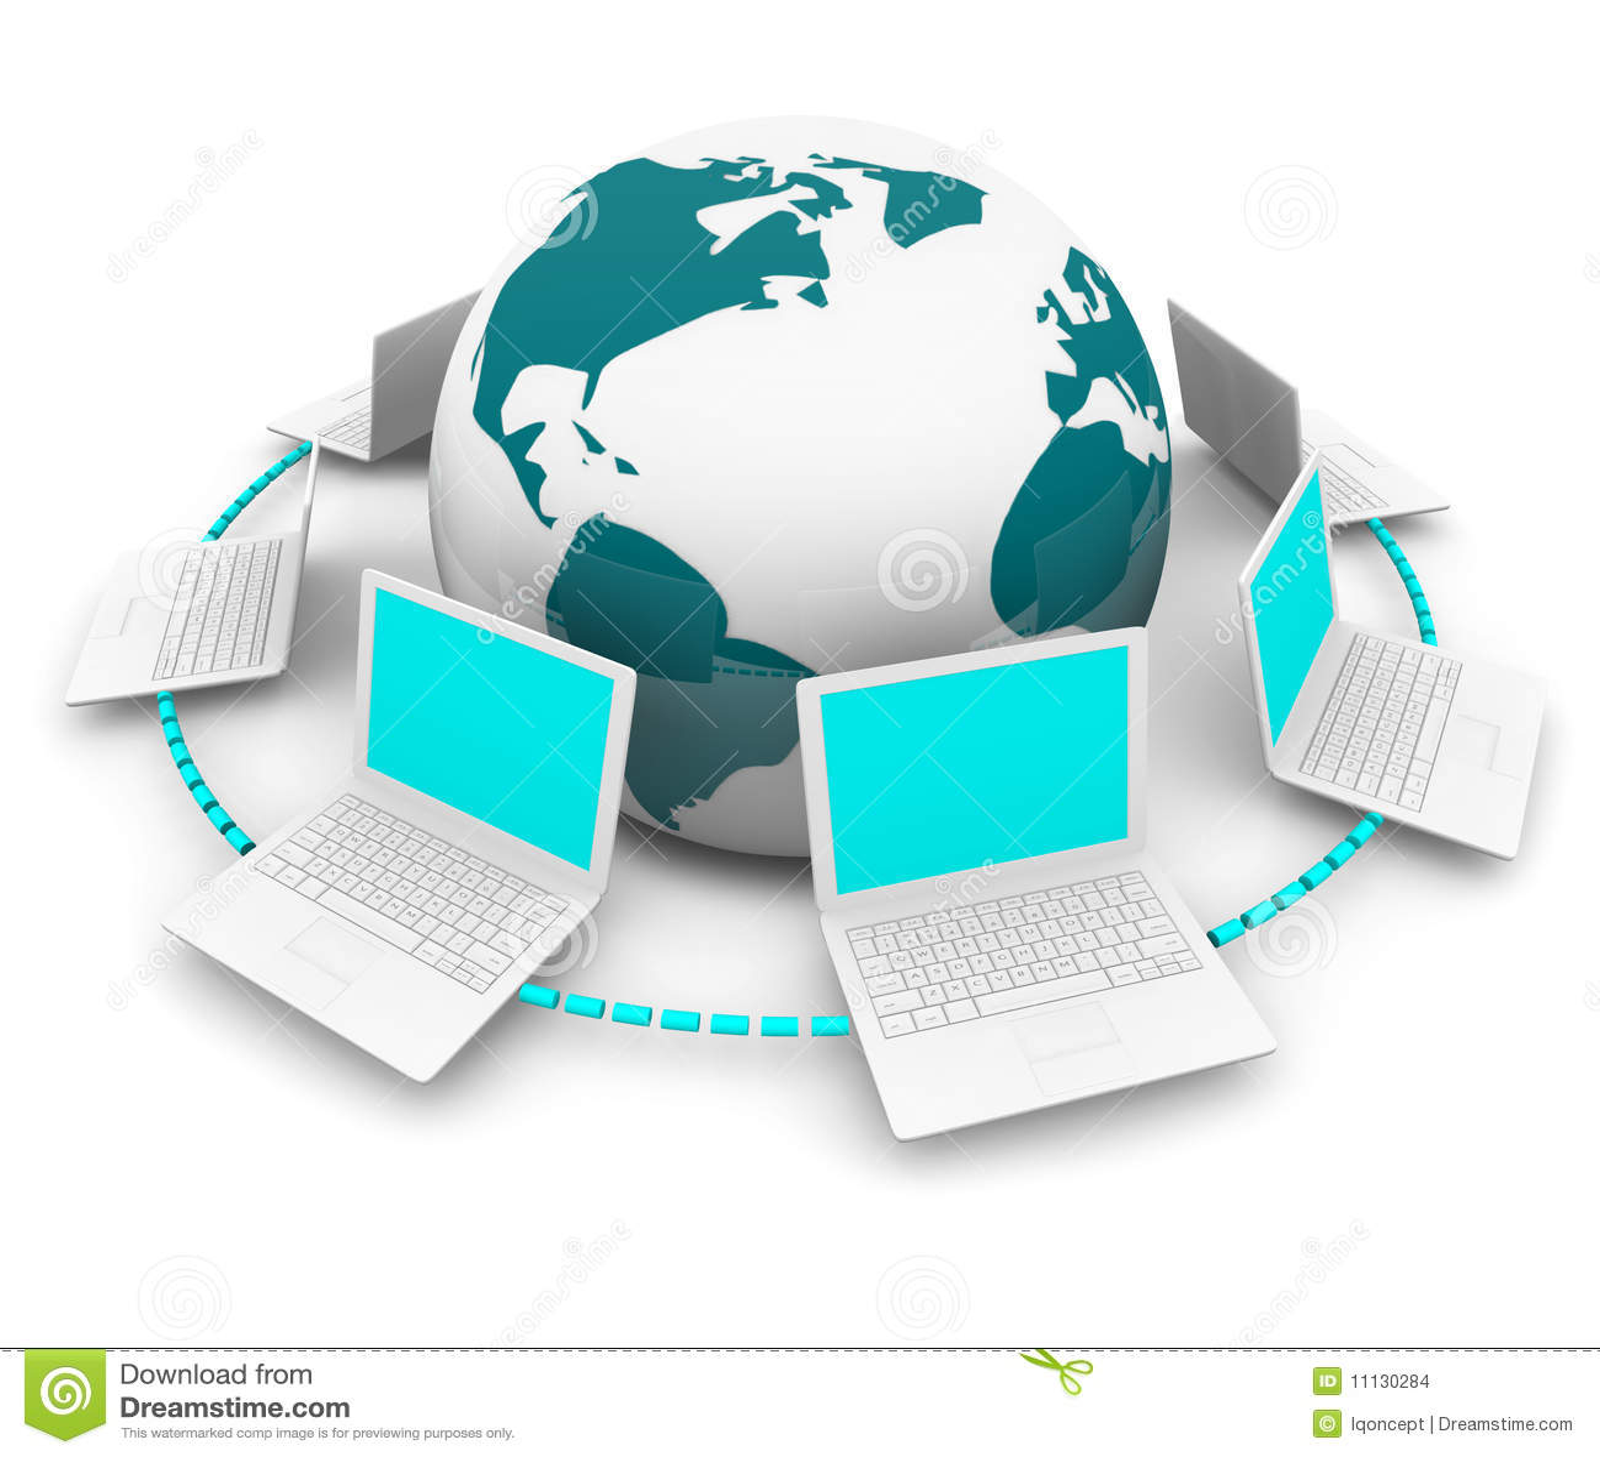 Submódulo 3.2 Gestiona recursos mediante el uso de redes de computadoras:  Concepto de Red